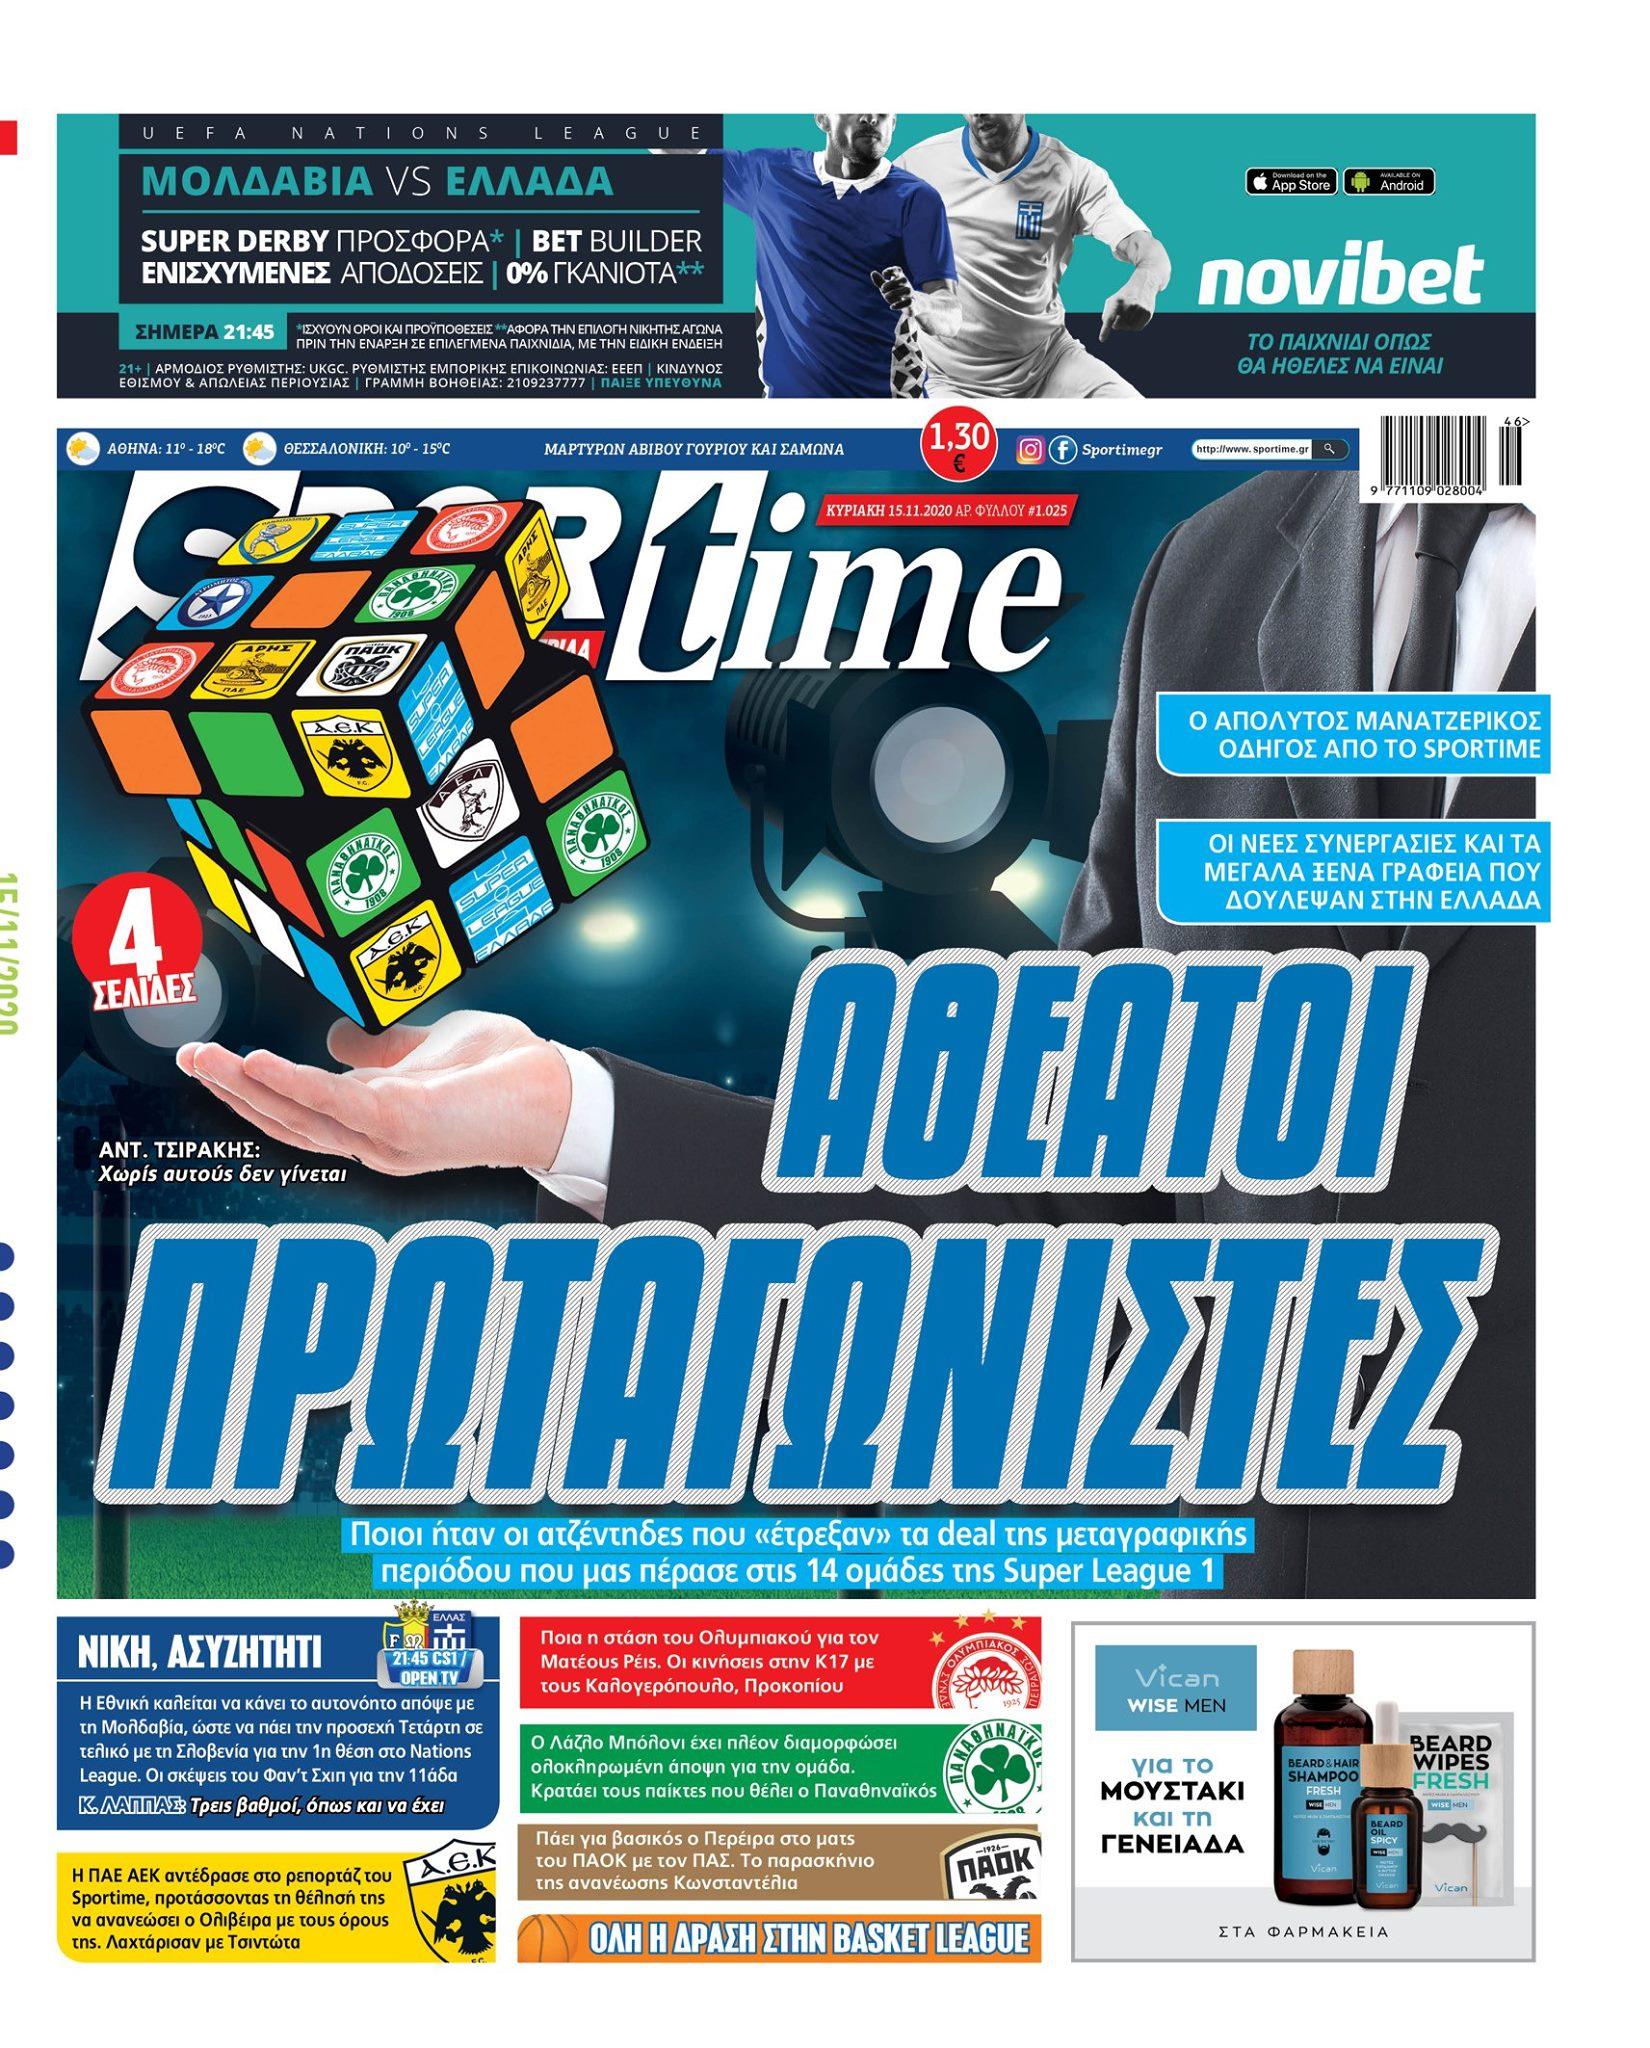 Εφημερίδα SPORTIME - Εξώφυλλο φύλλου 15/11/2020